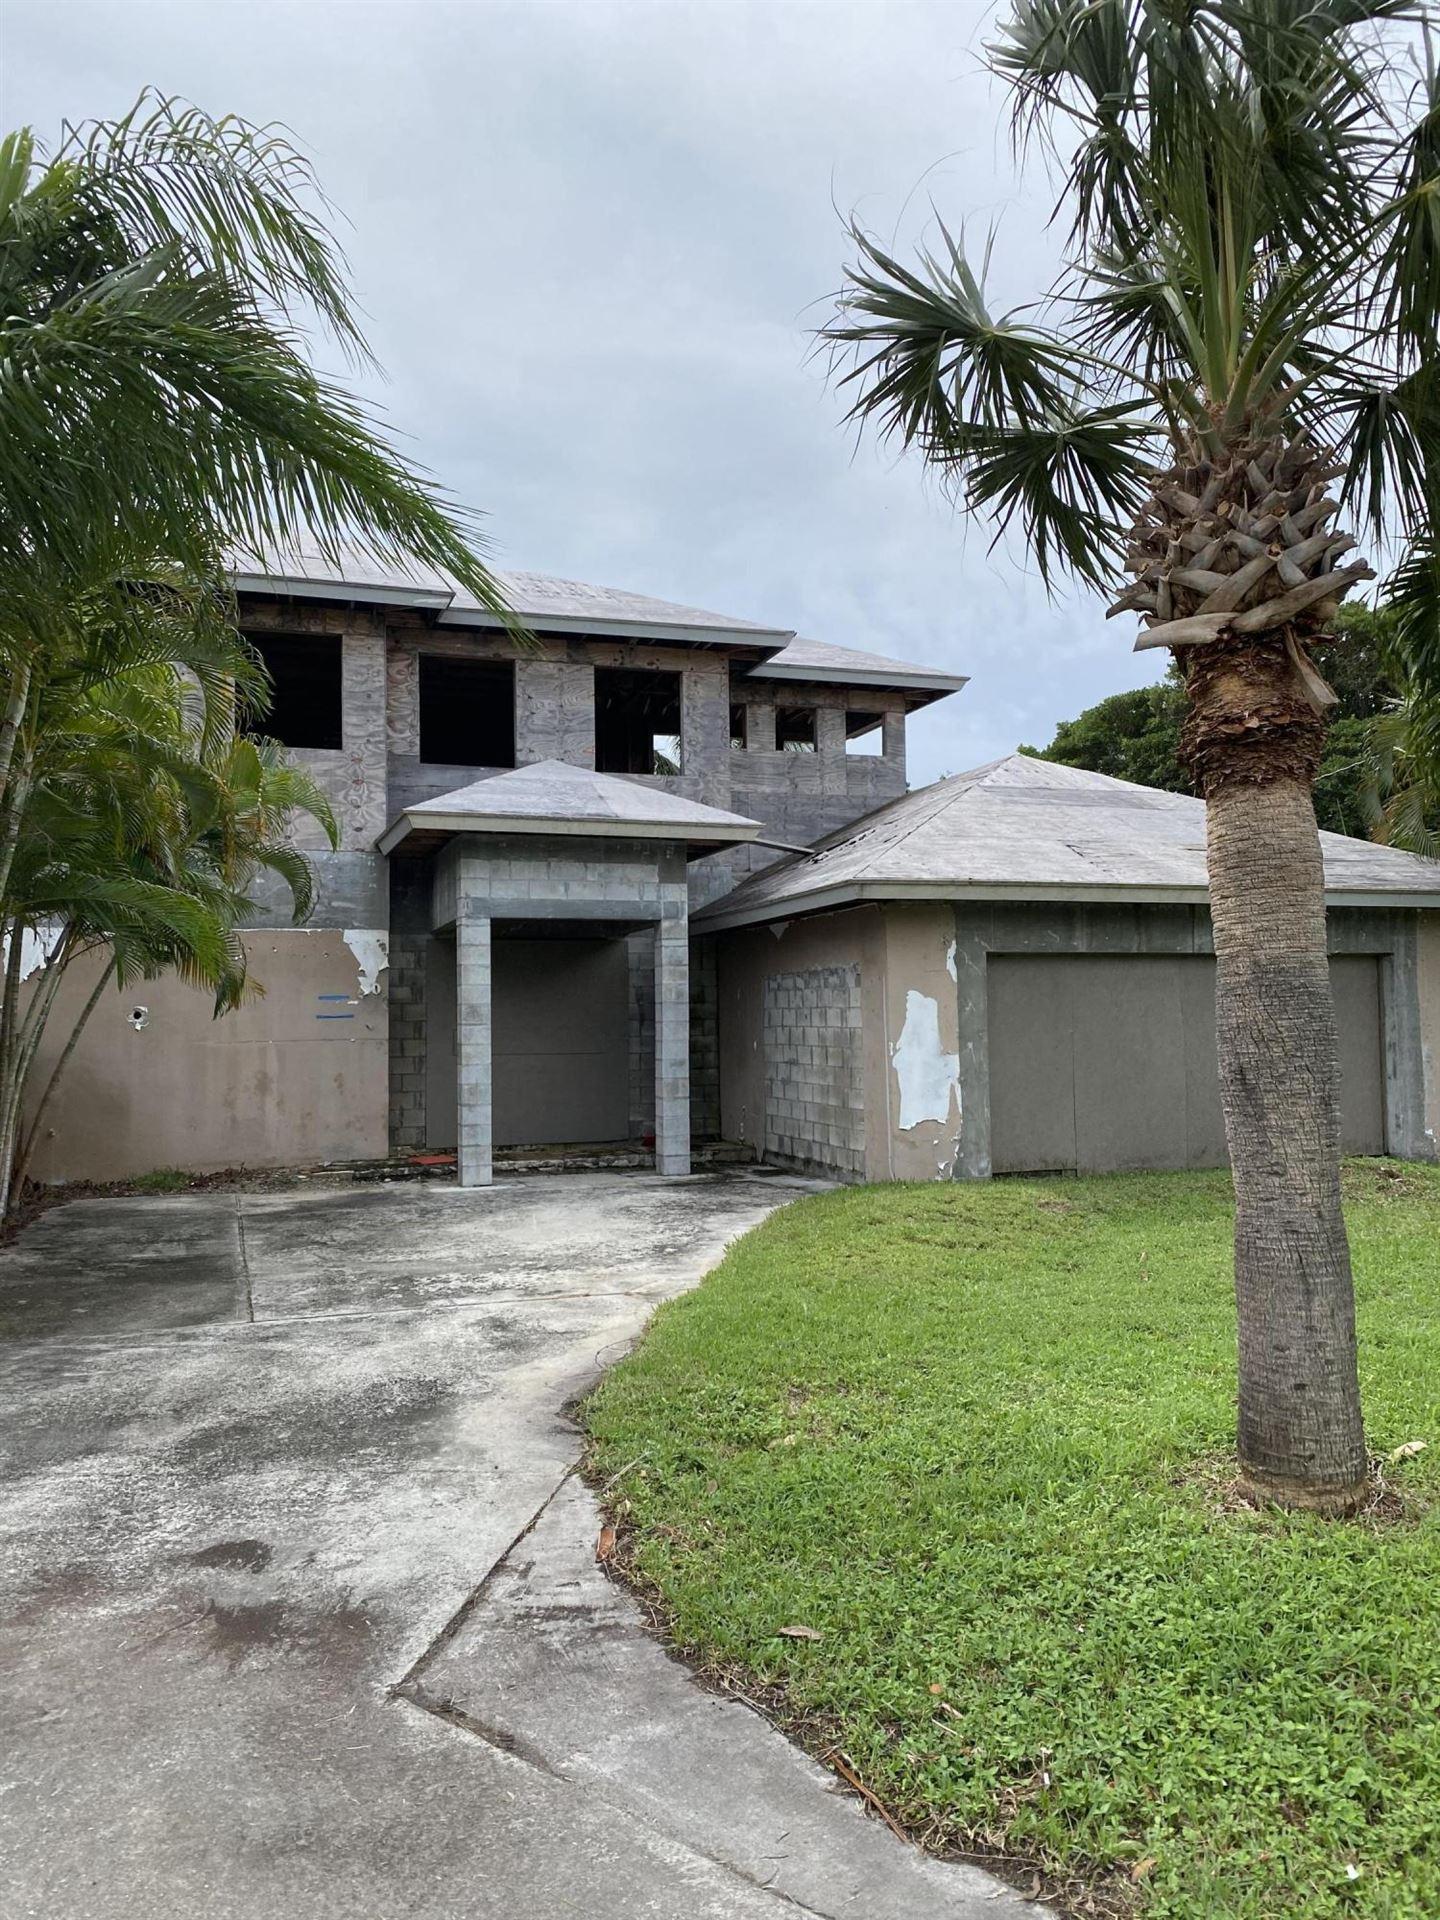 Photo of 1137 Island Road, Riviera Beach, FL 33404 (MLS # RX-10664764)